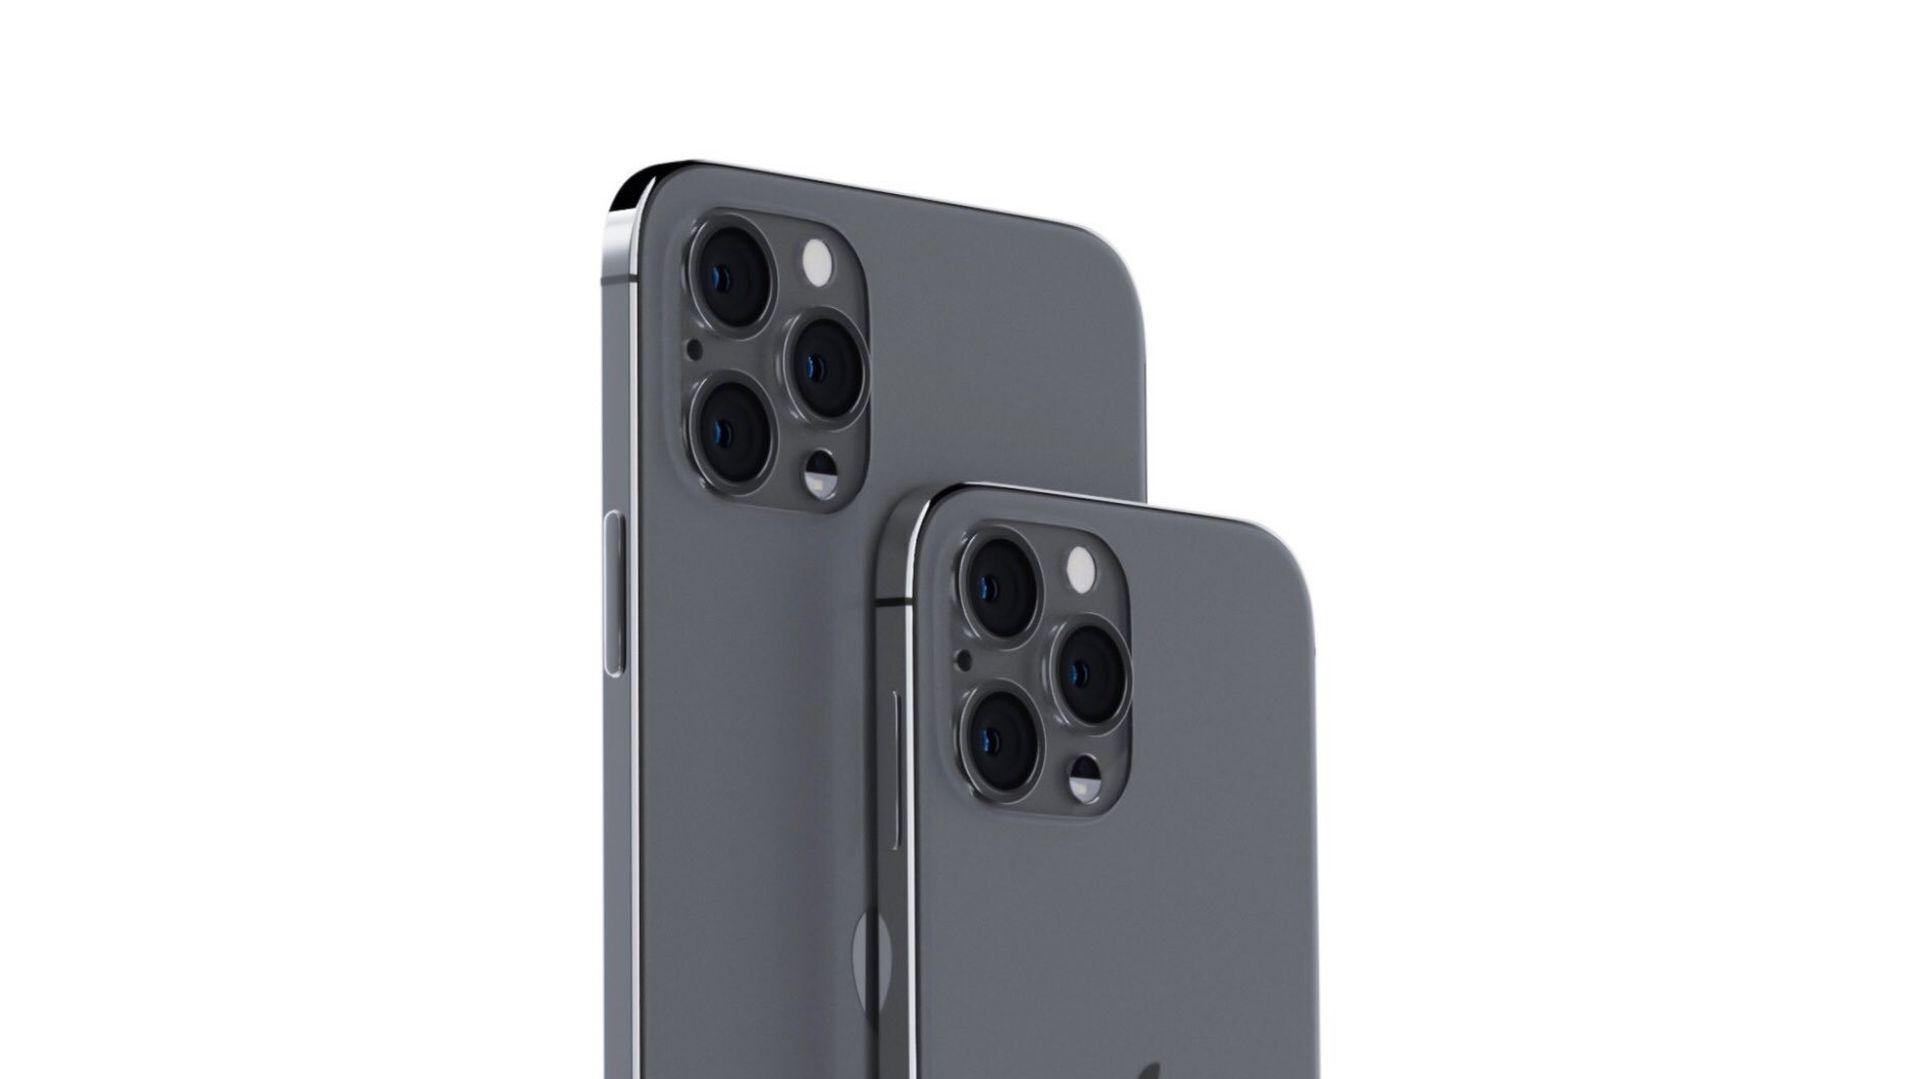 Prawdopodobny wygląd przyszłorocznego iPhone'a XII Pro